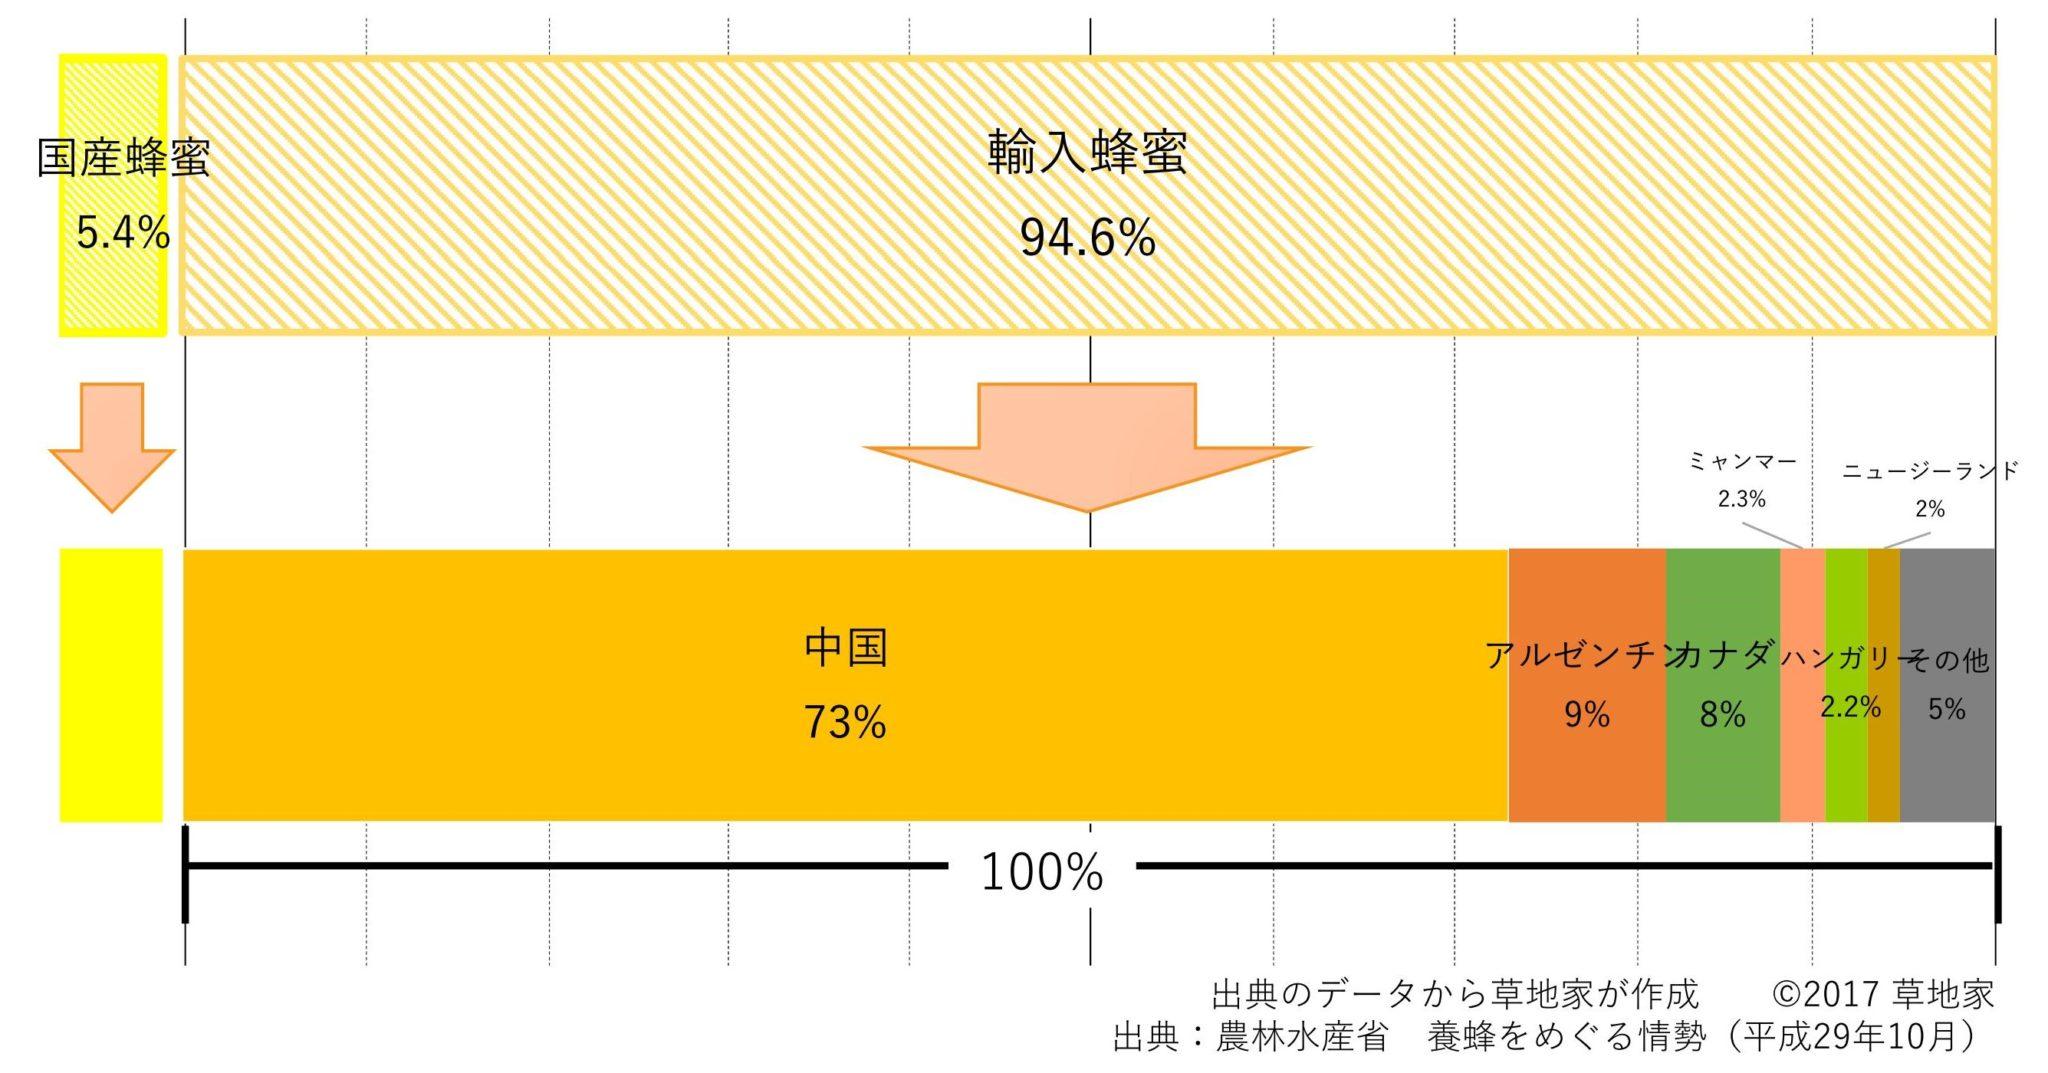 平成28年の国内蜂蜜の割合